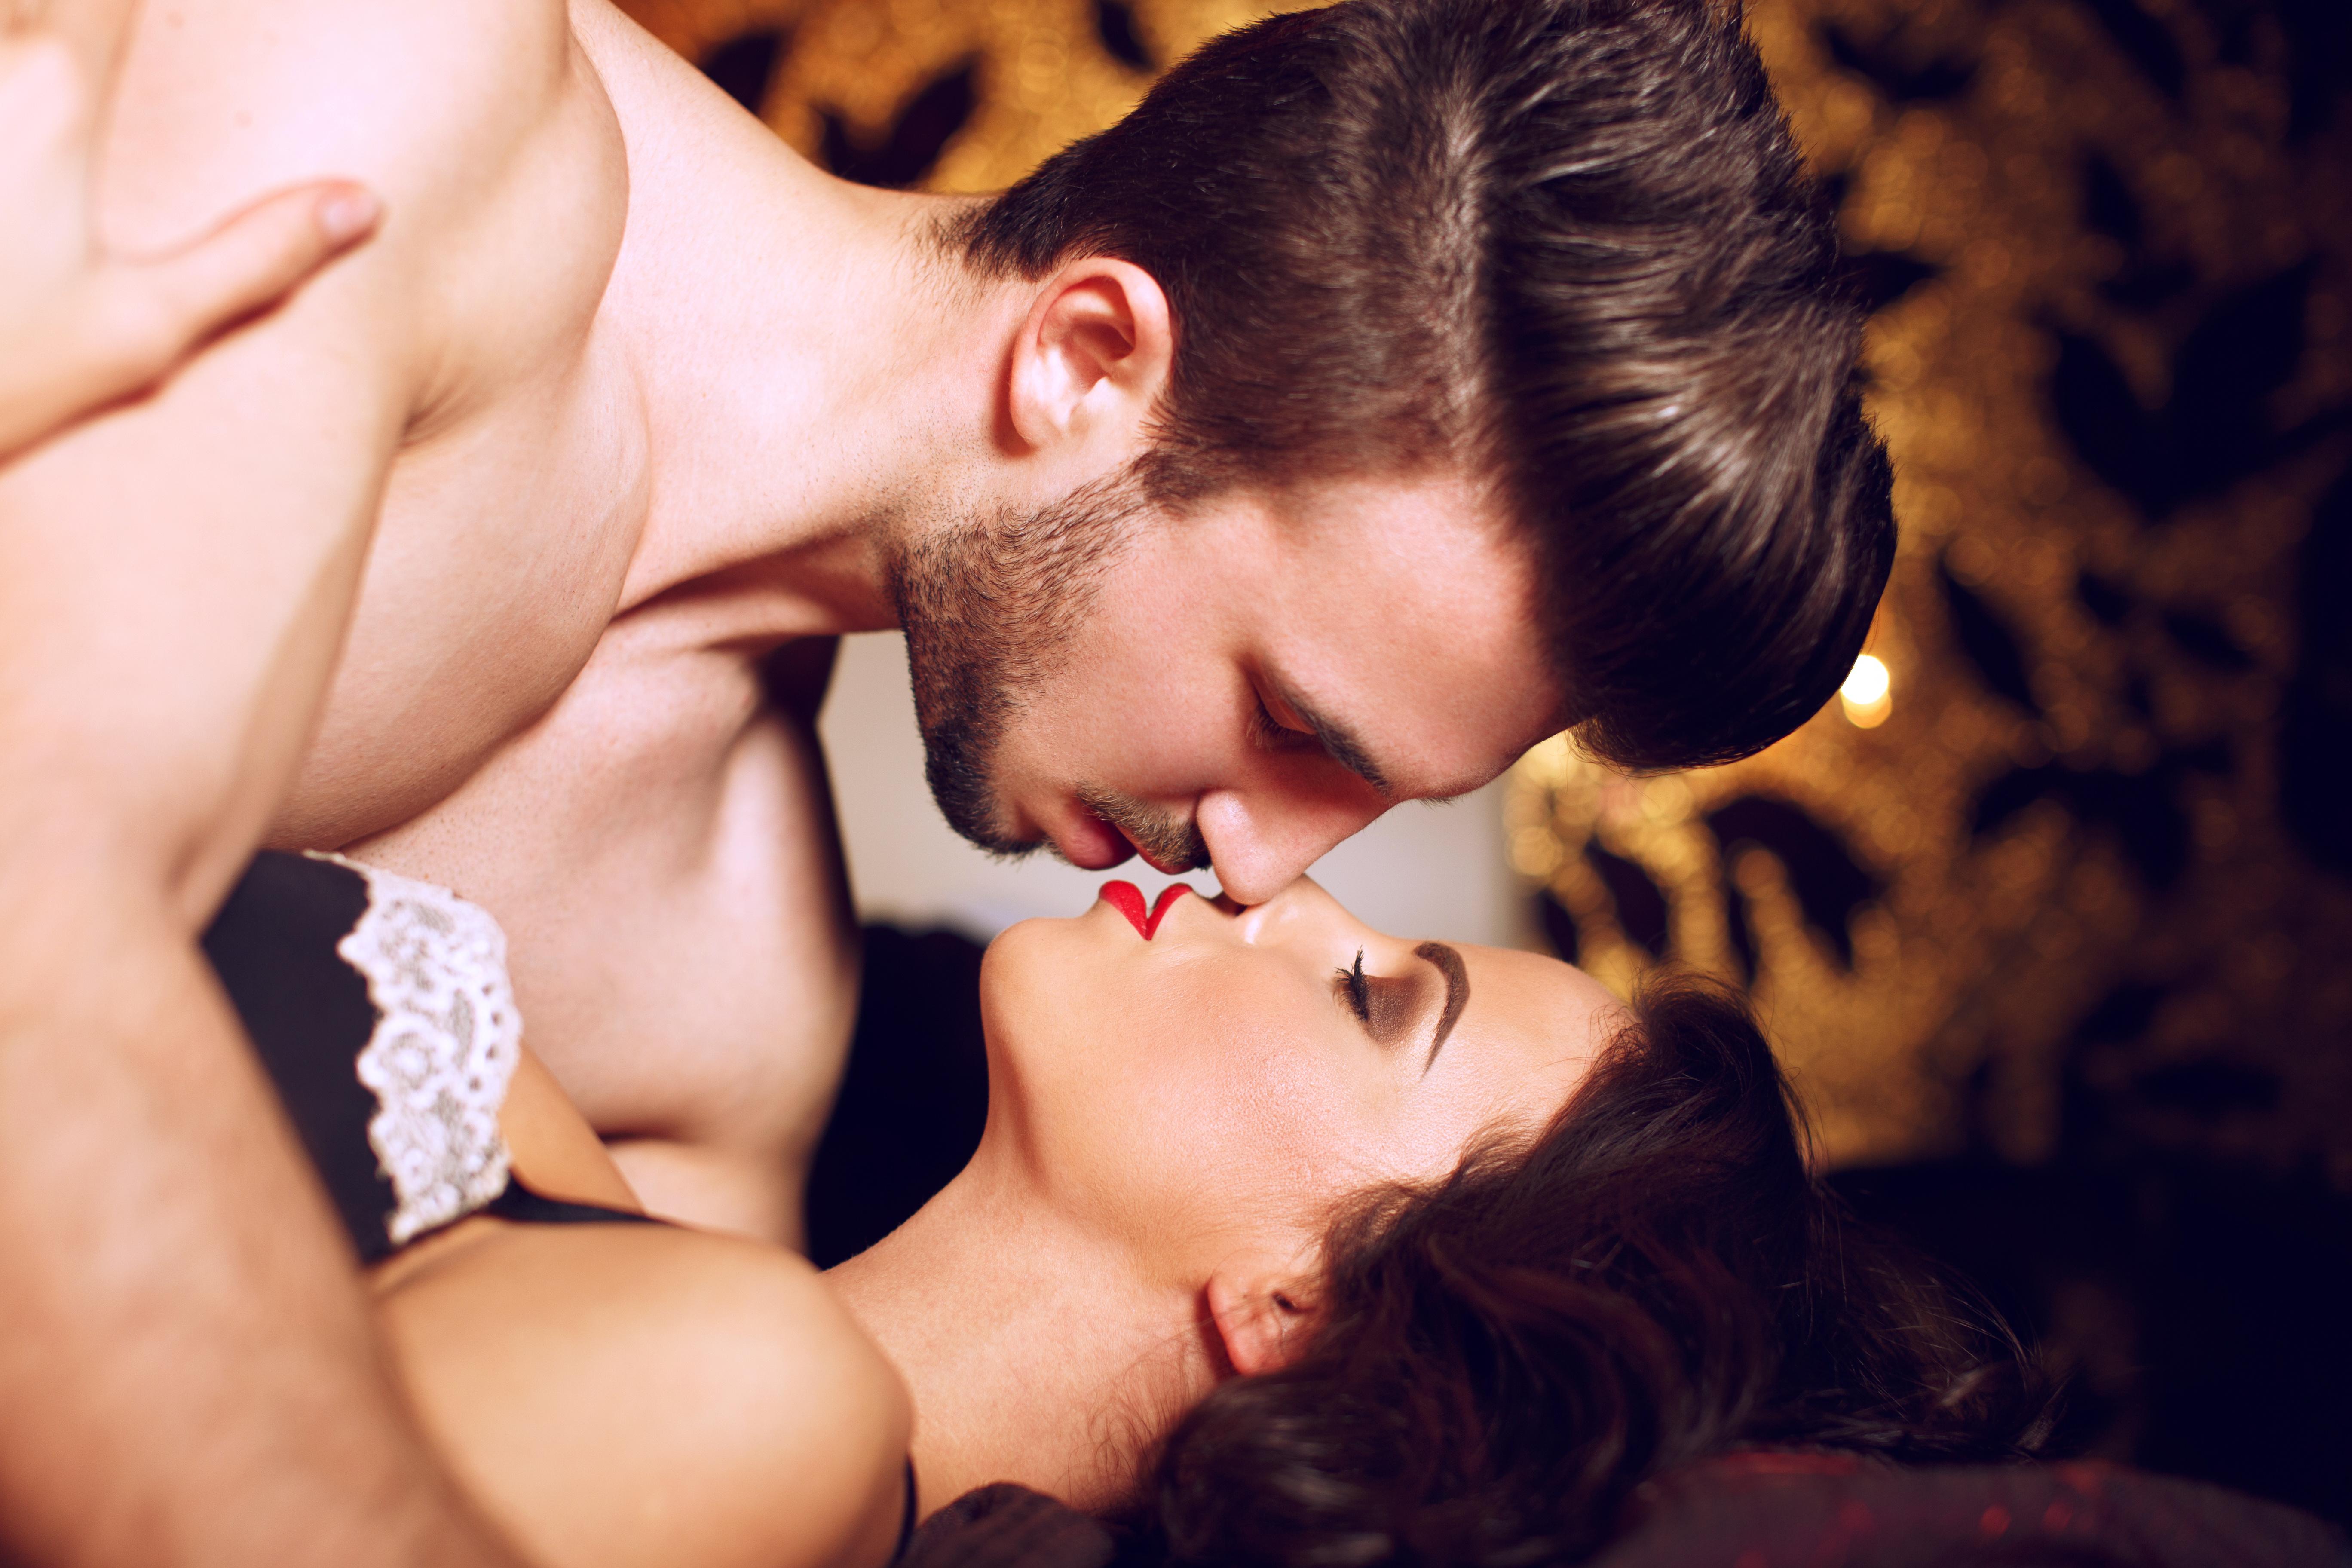 miliy-romanticheskiy-seks-porno-chtob-seychas-konchit